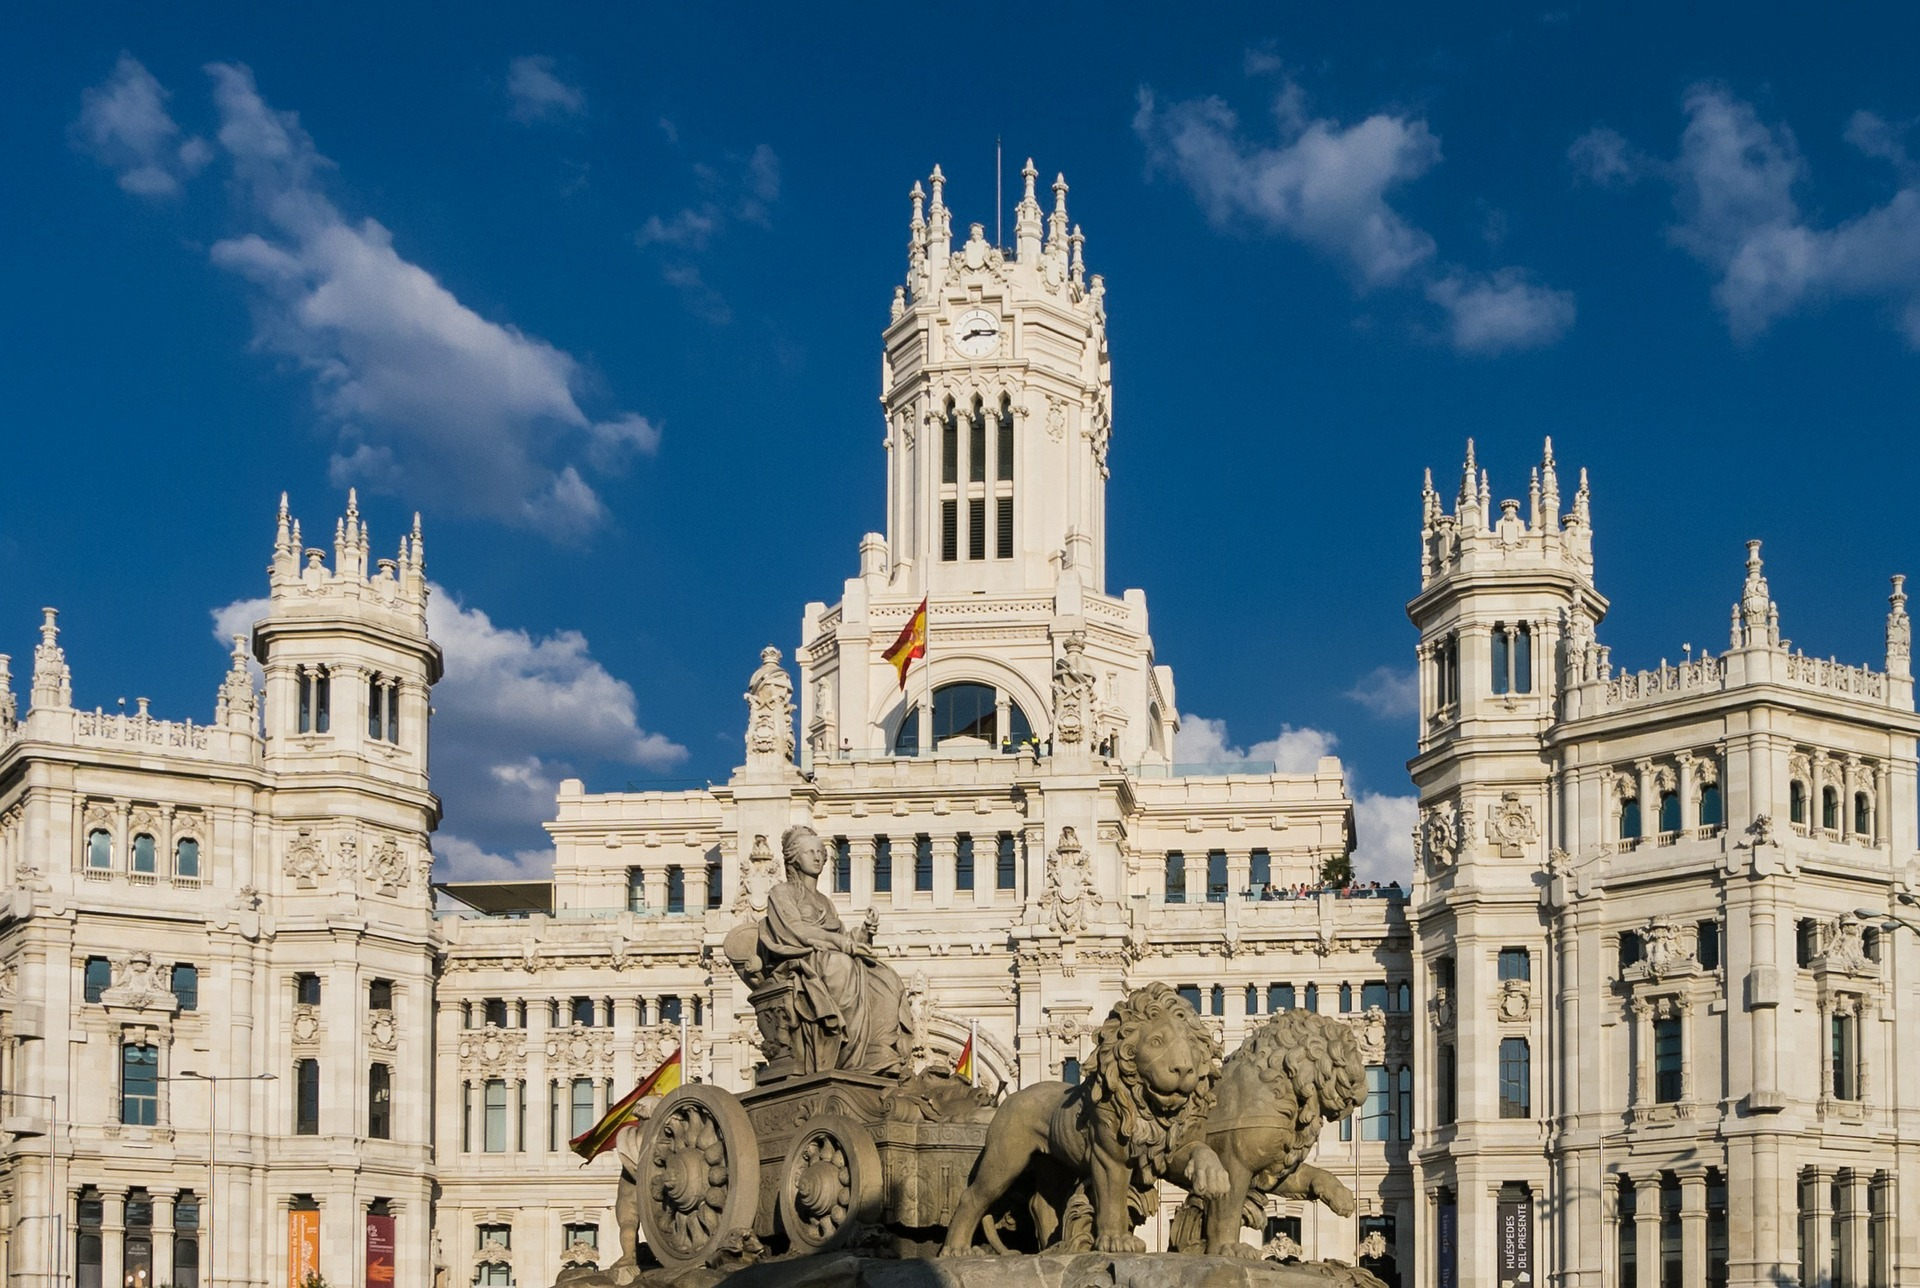 馬德里的奇蹟:創造了40,400個工作崗位,而西班牙卻損失了137,500個工作崗位